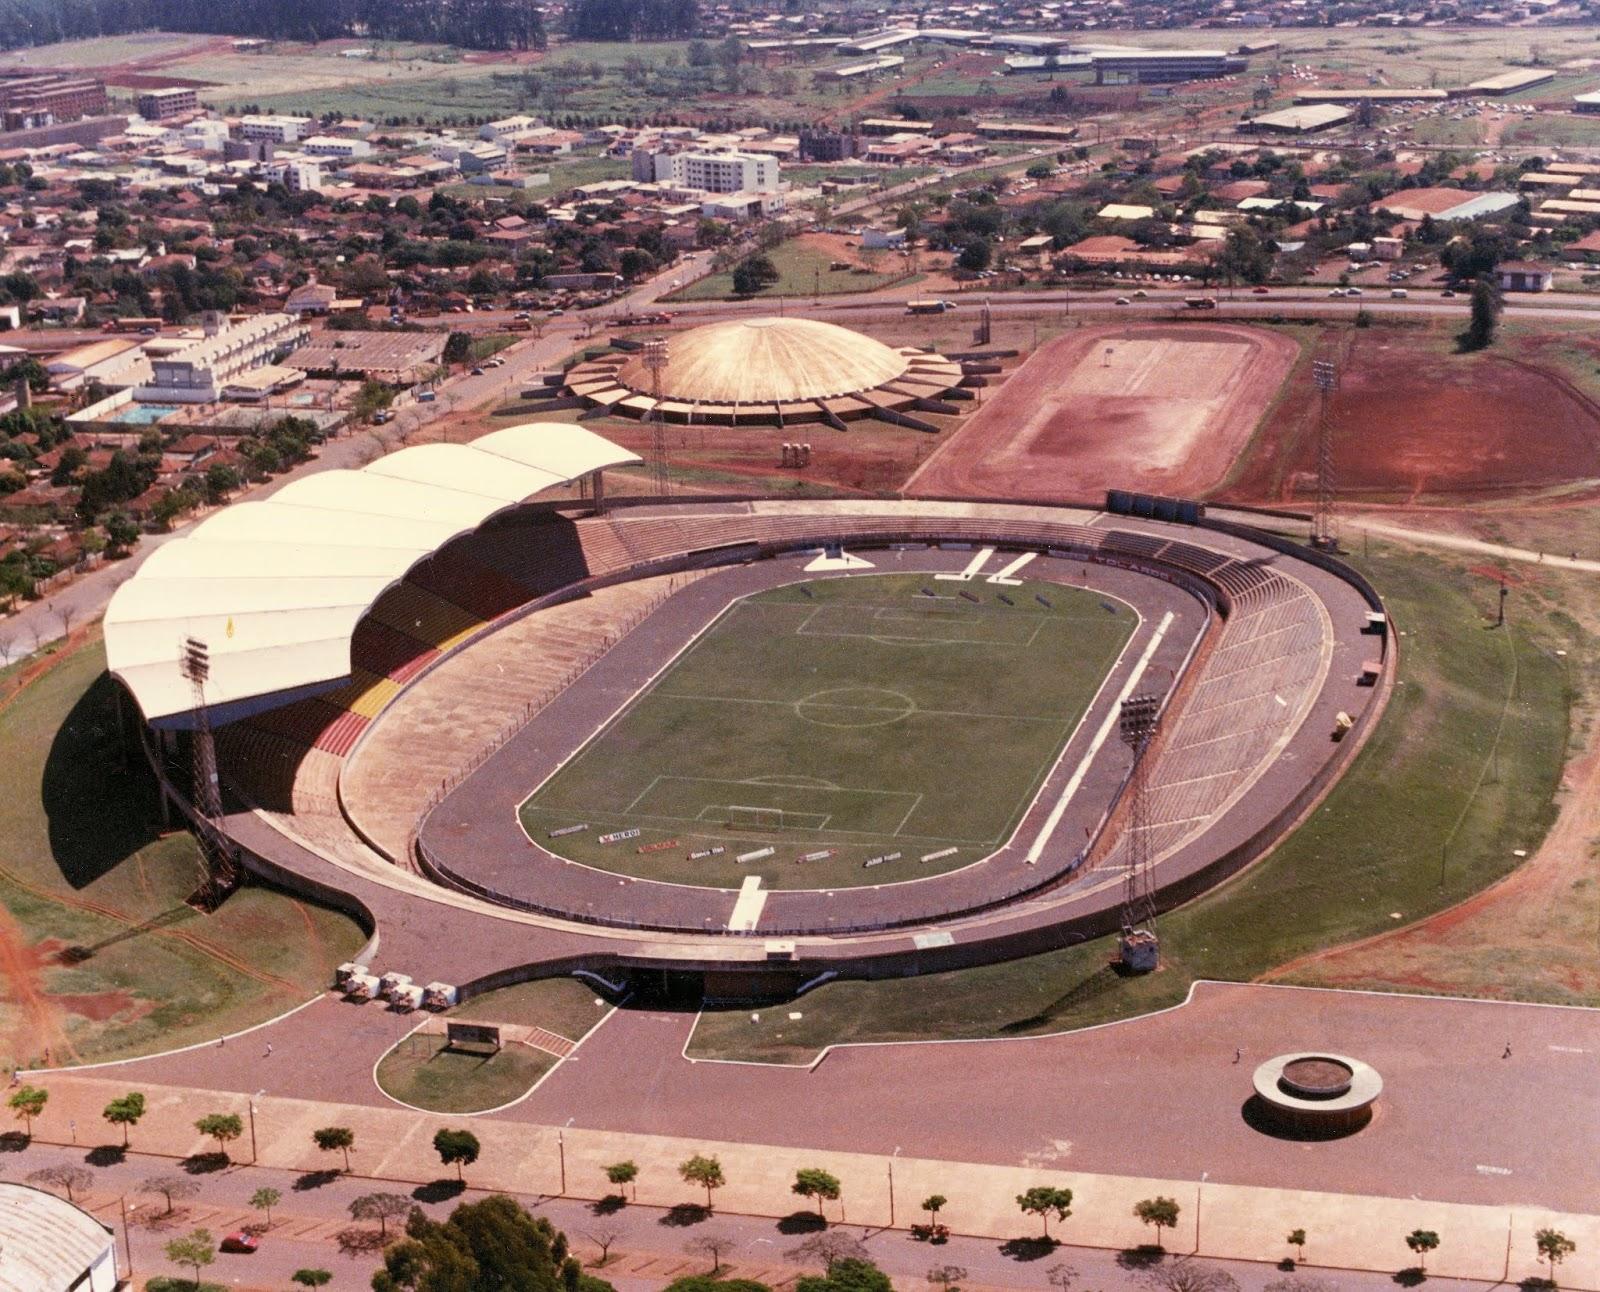 Estádio Regional Willie Davids - Década de 1980